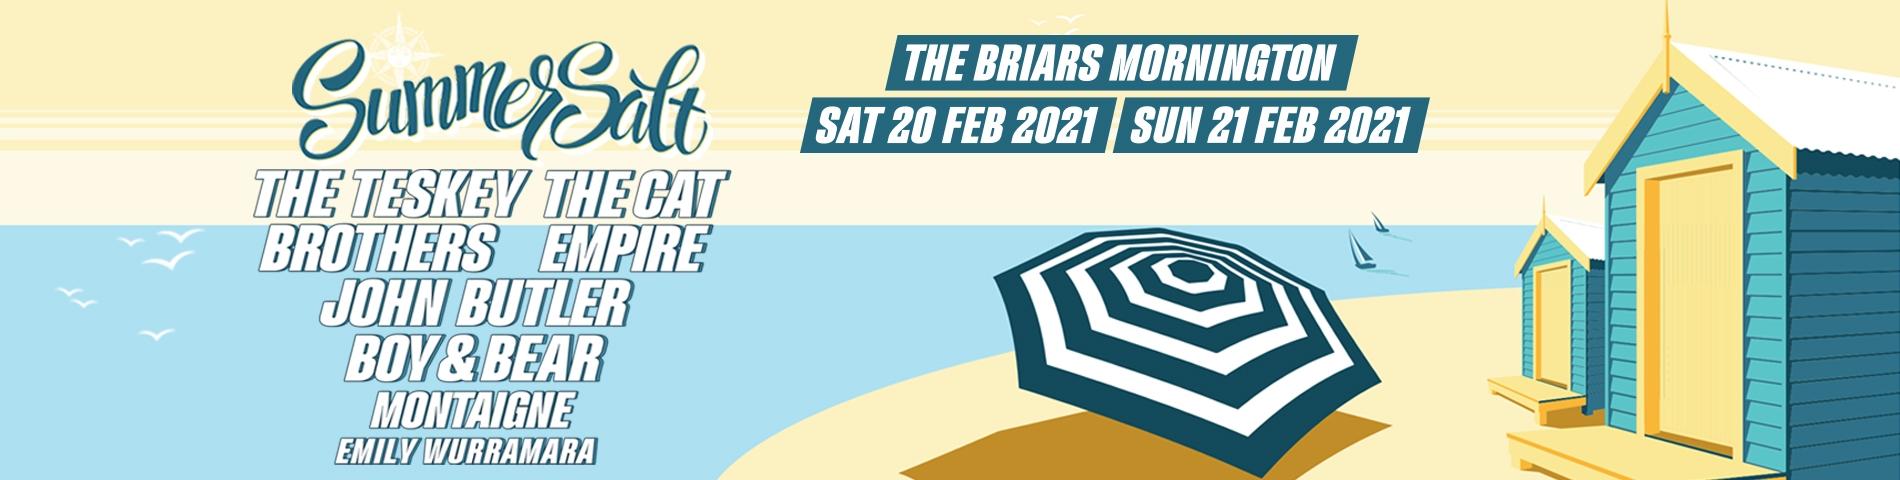 SummerSalt 2021 Poster